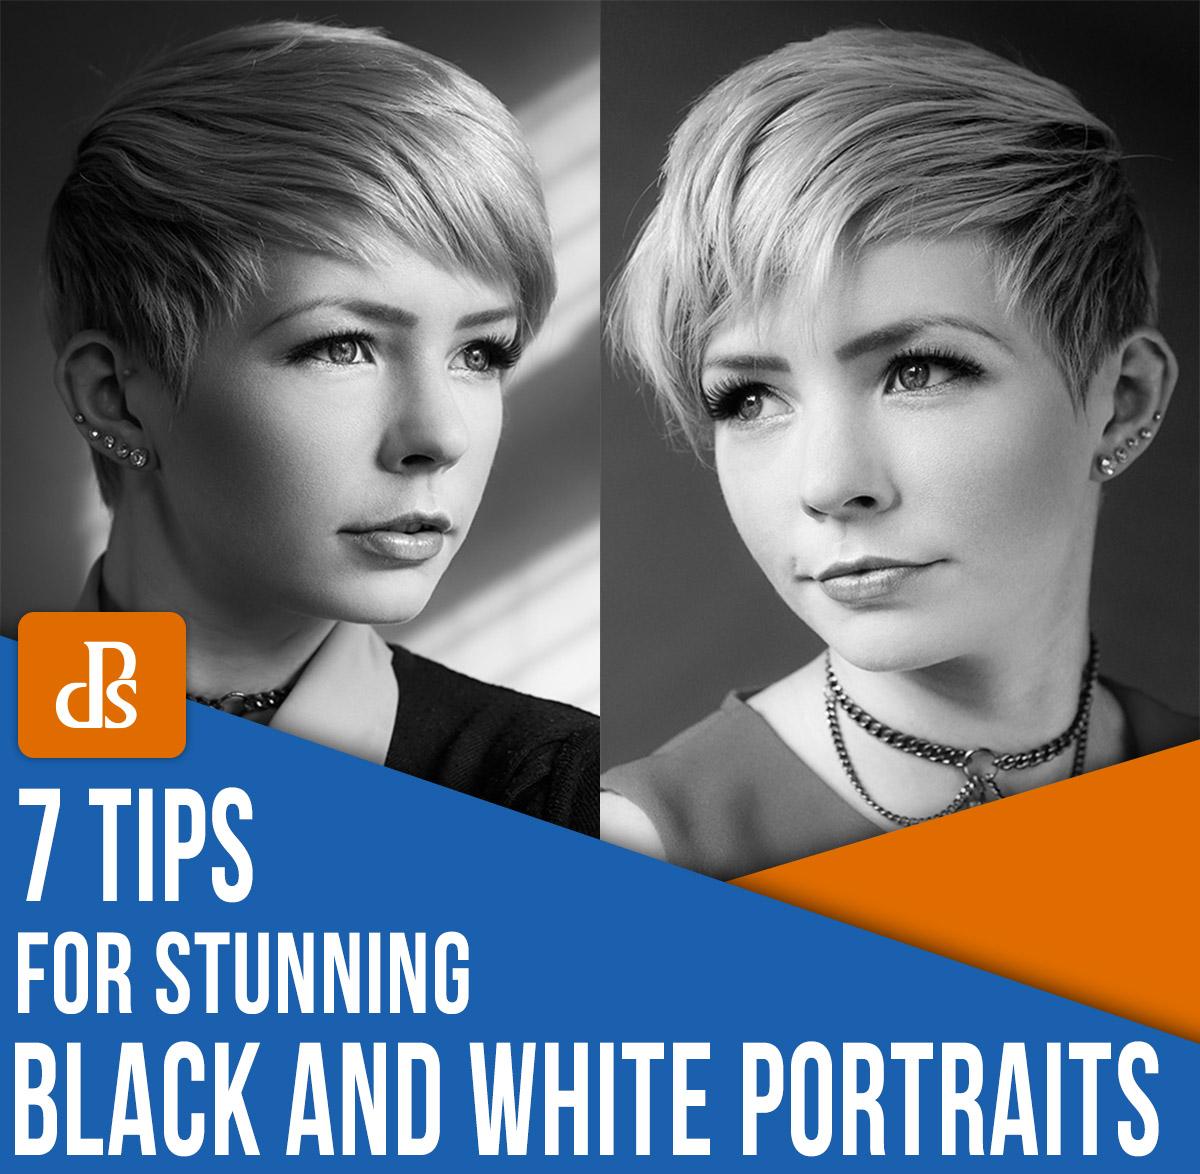 dicas para retratos em preto e branco